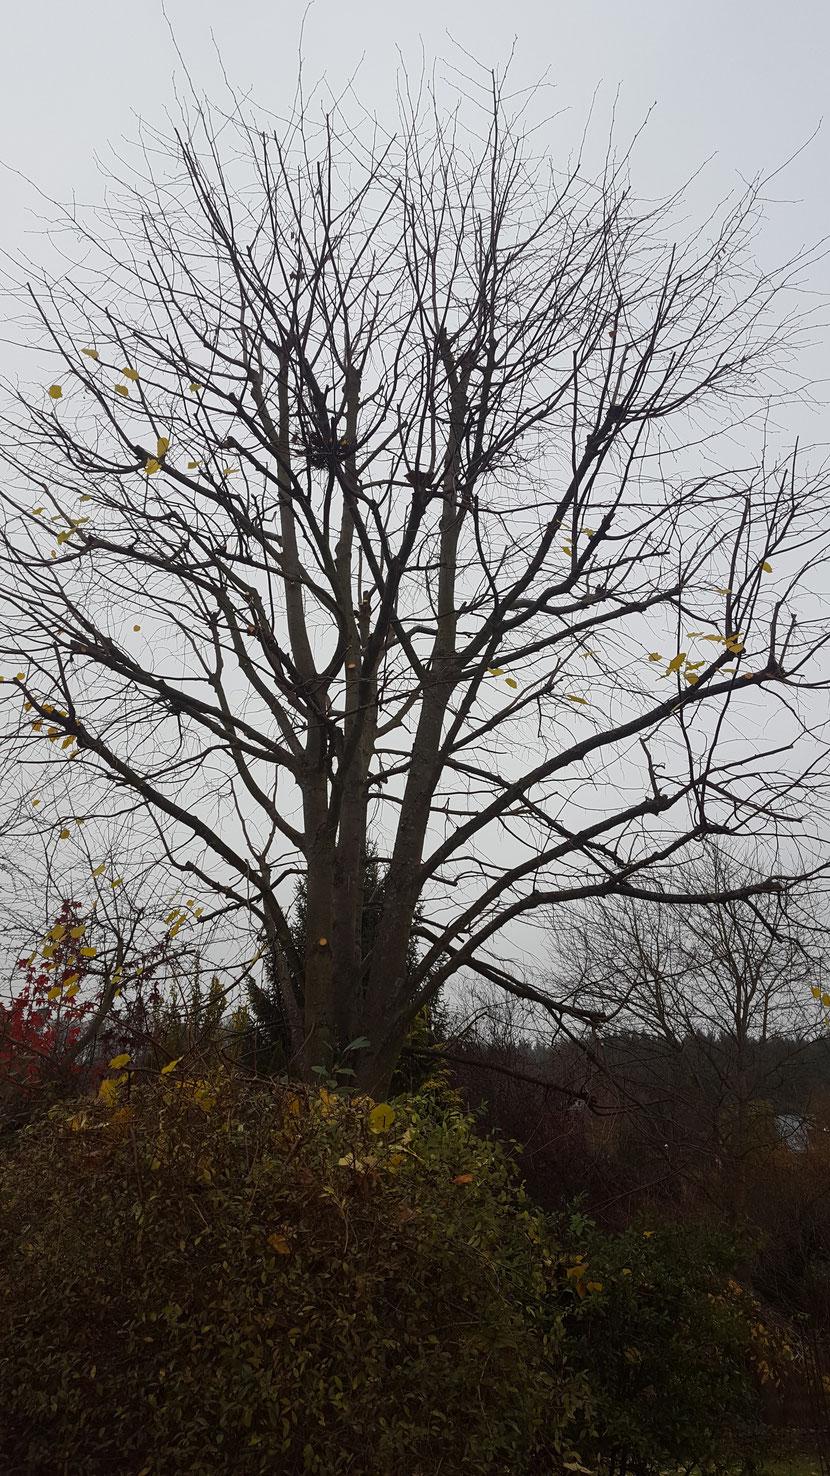 Nachbehandlung Von Kappungen Feyer Baumpfleges Webseite